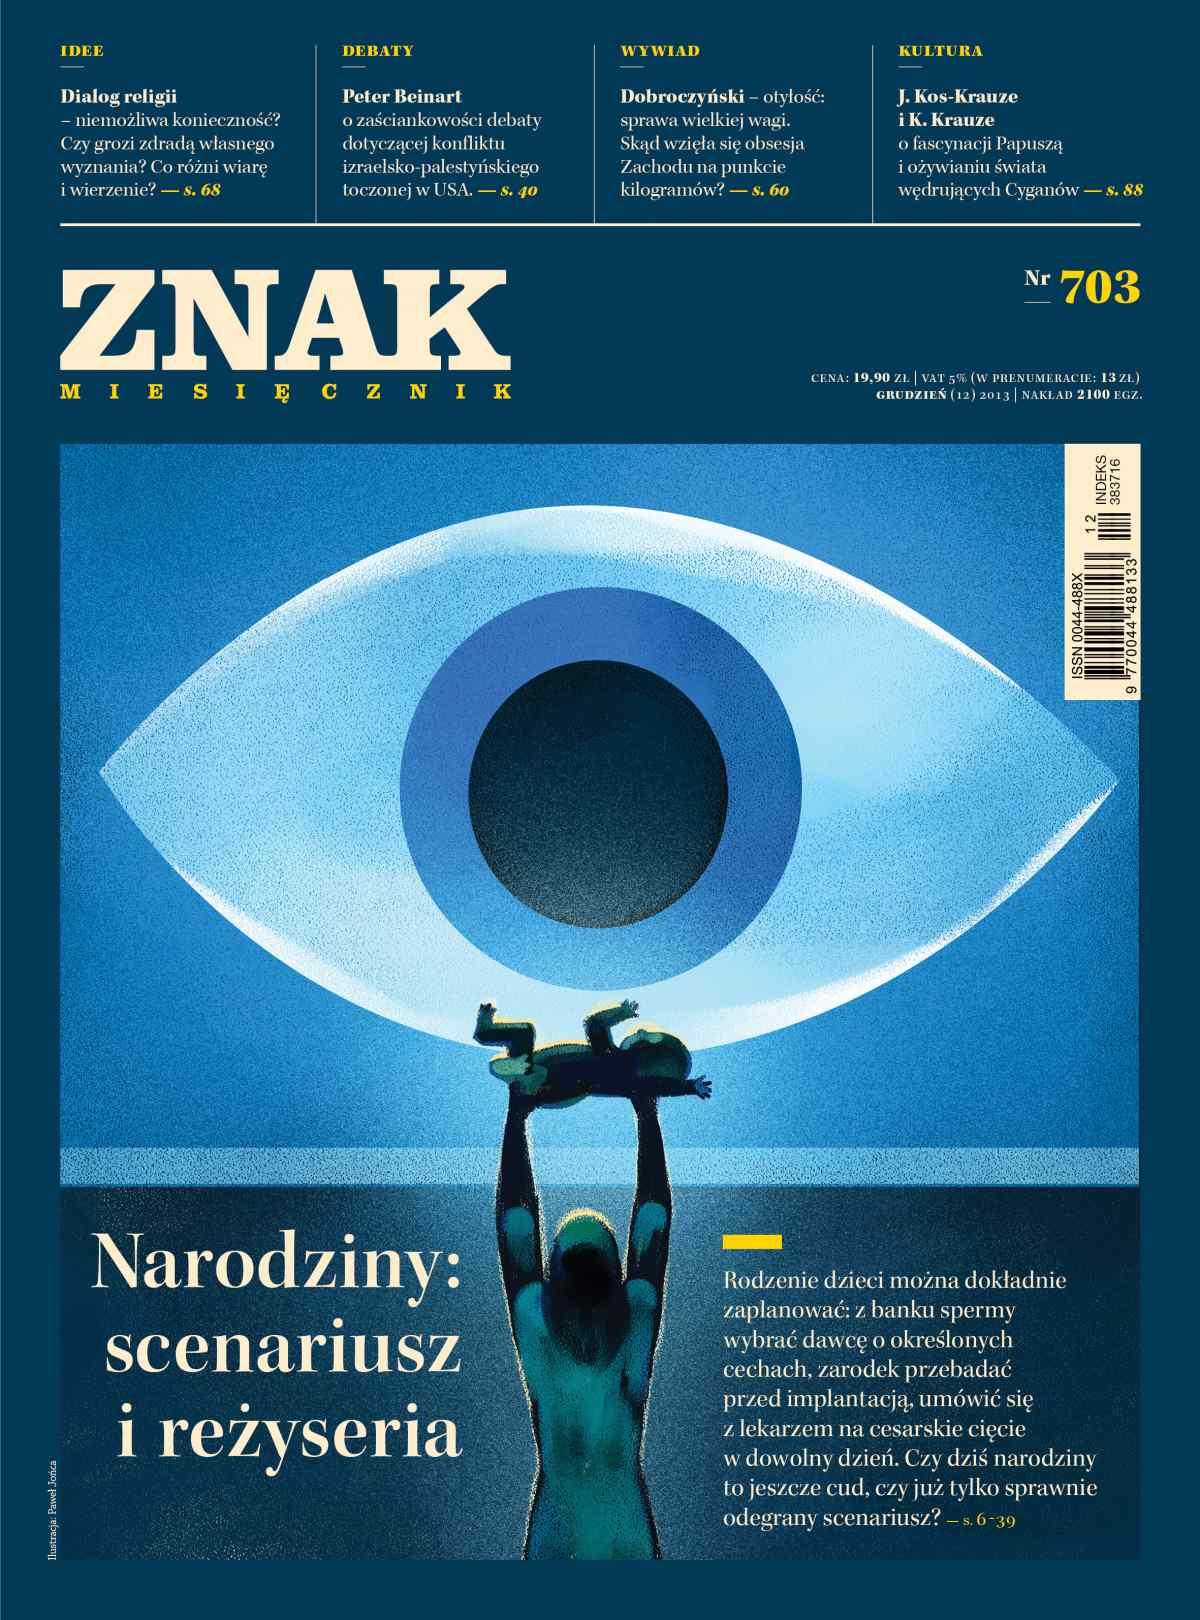 Miesięcznik Znak. Grudzień 2013 - Ebook (Książka PDF) do pobrania w formacie PDF